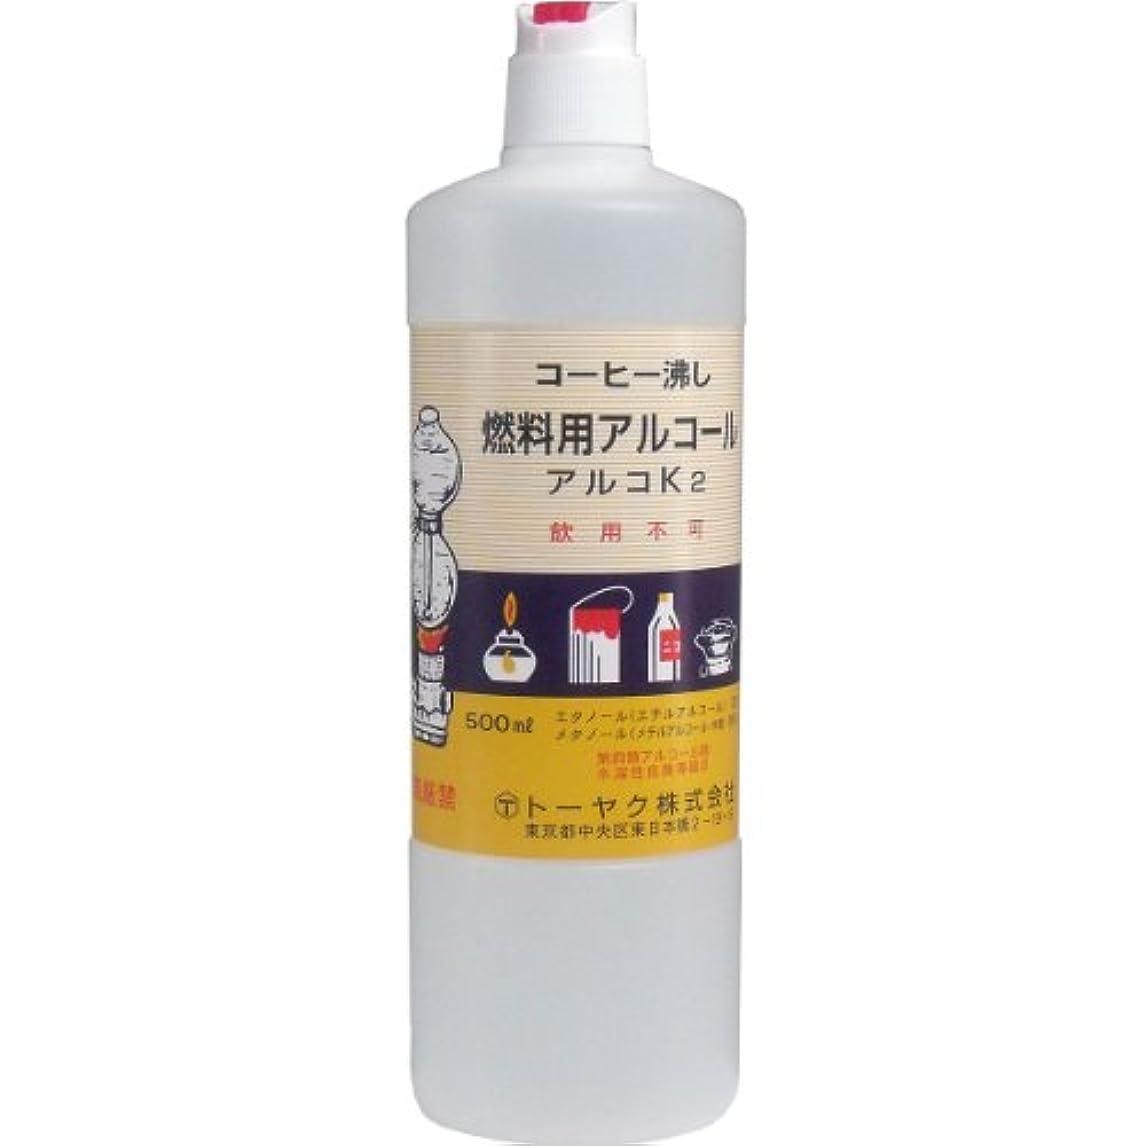 扱いやすい審判トンネル燃料用アルコール アルコK2 ×3個セット